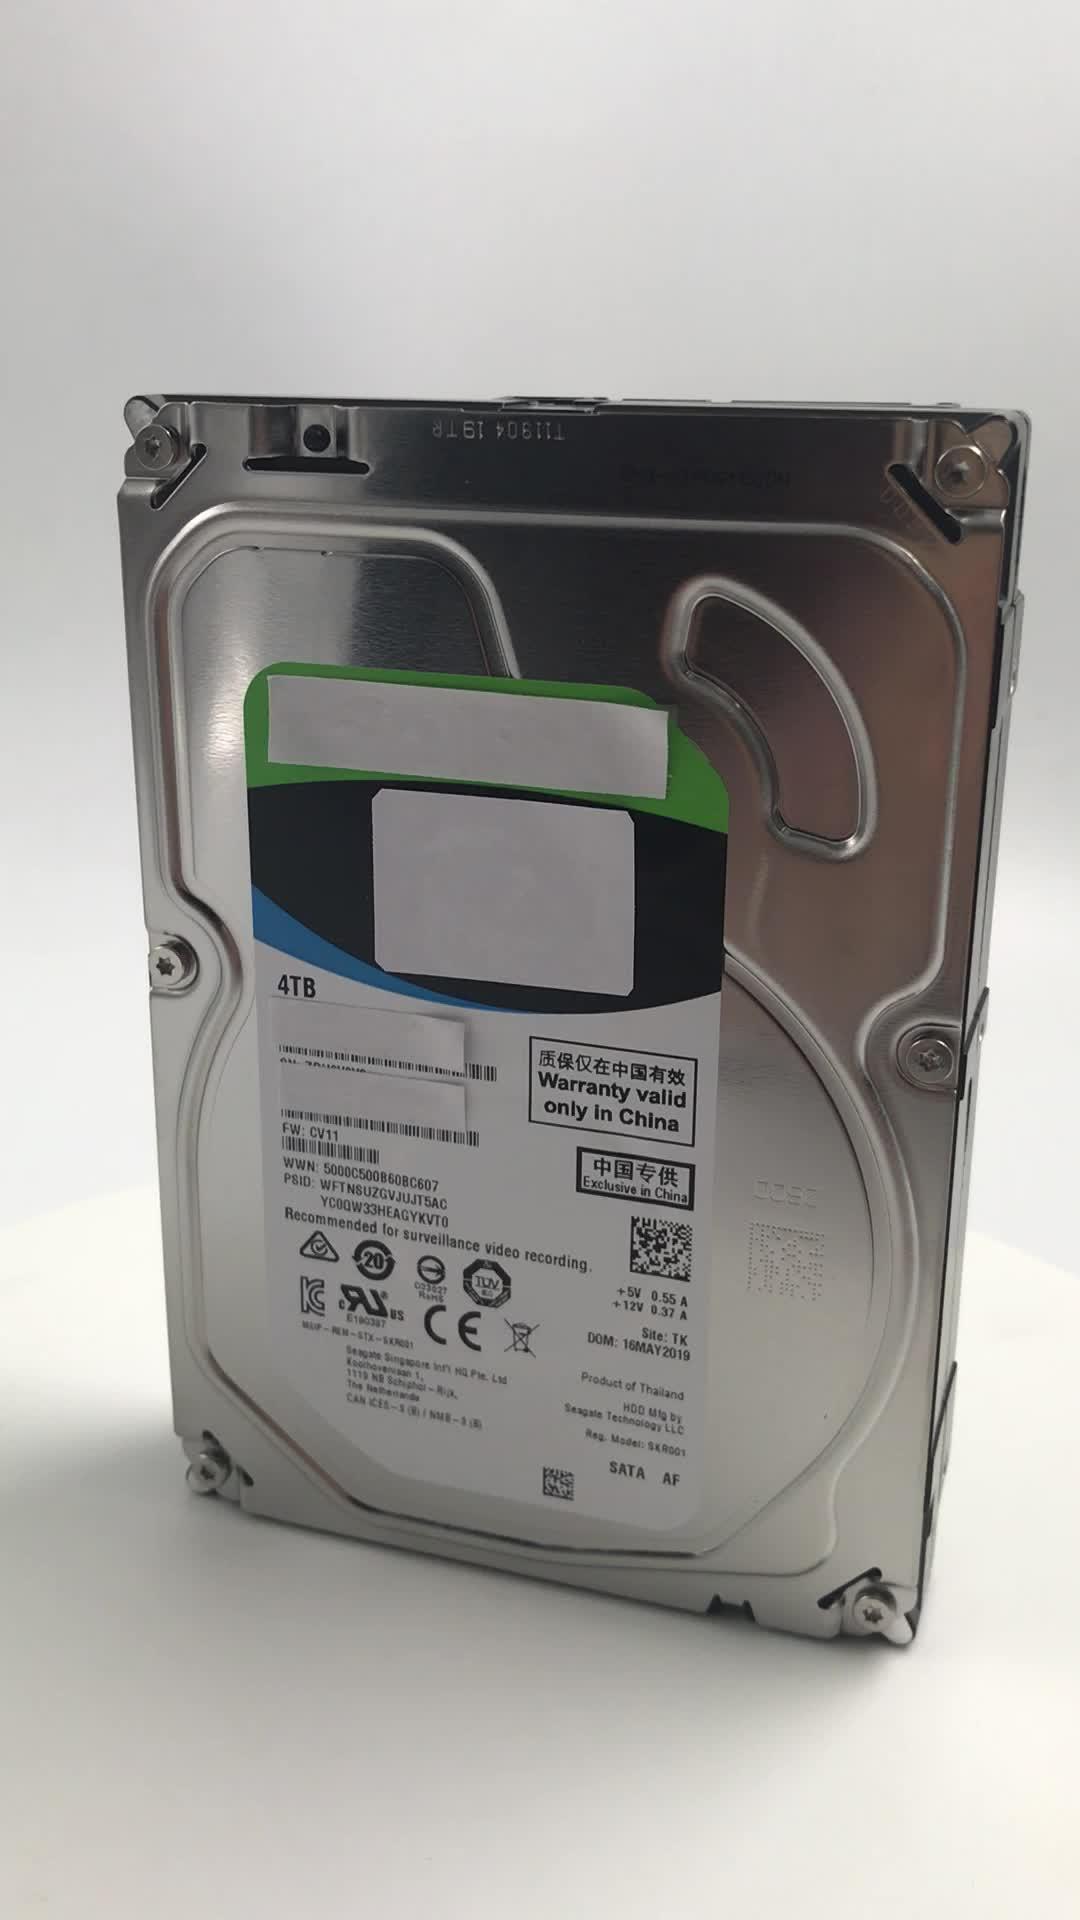 신선한 새로운 컴퓨터 하드 디스크 4 테라바이트 SATA 6 Gbps 5900 rpm 256 MB 내부 하드 드라이브 2 년 보증